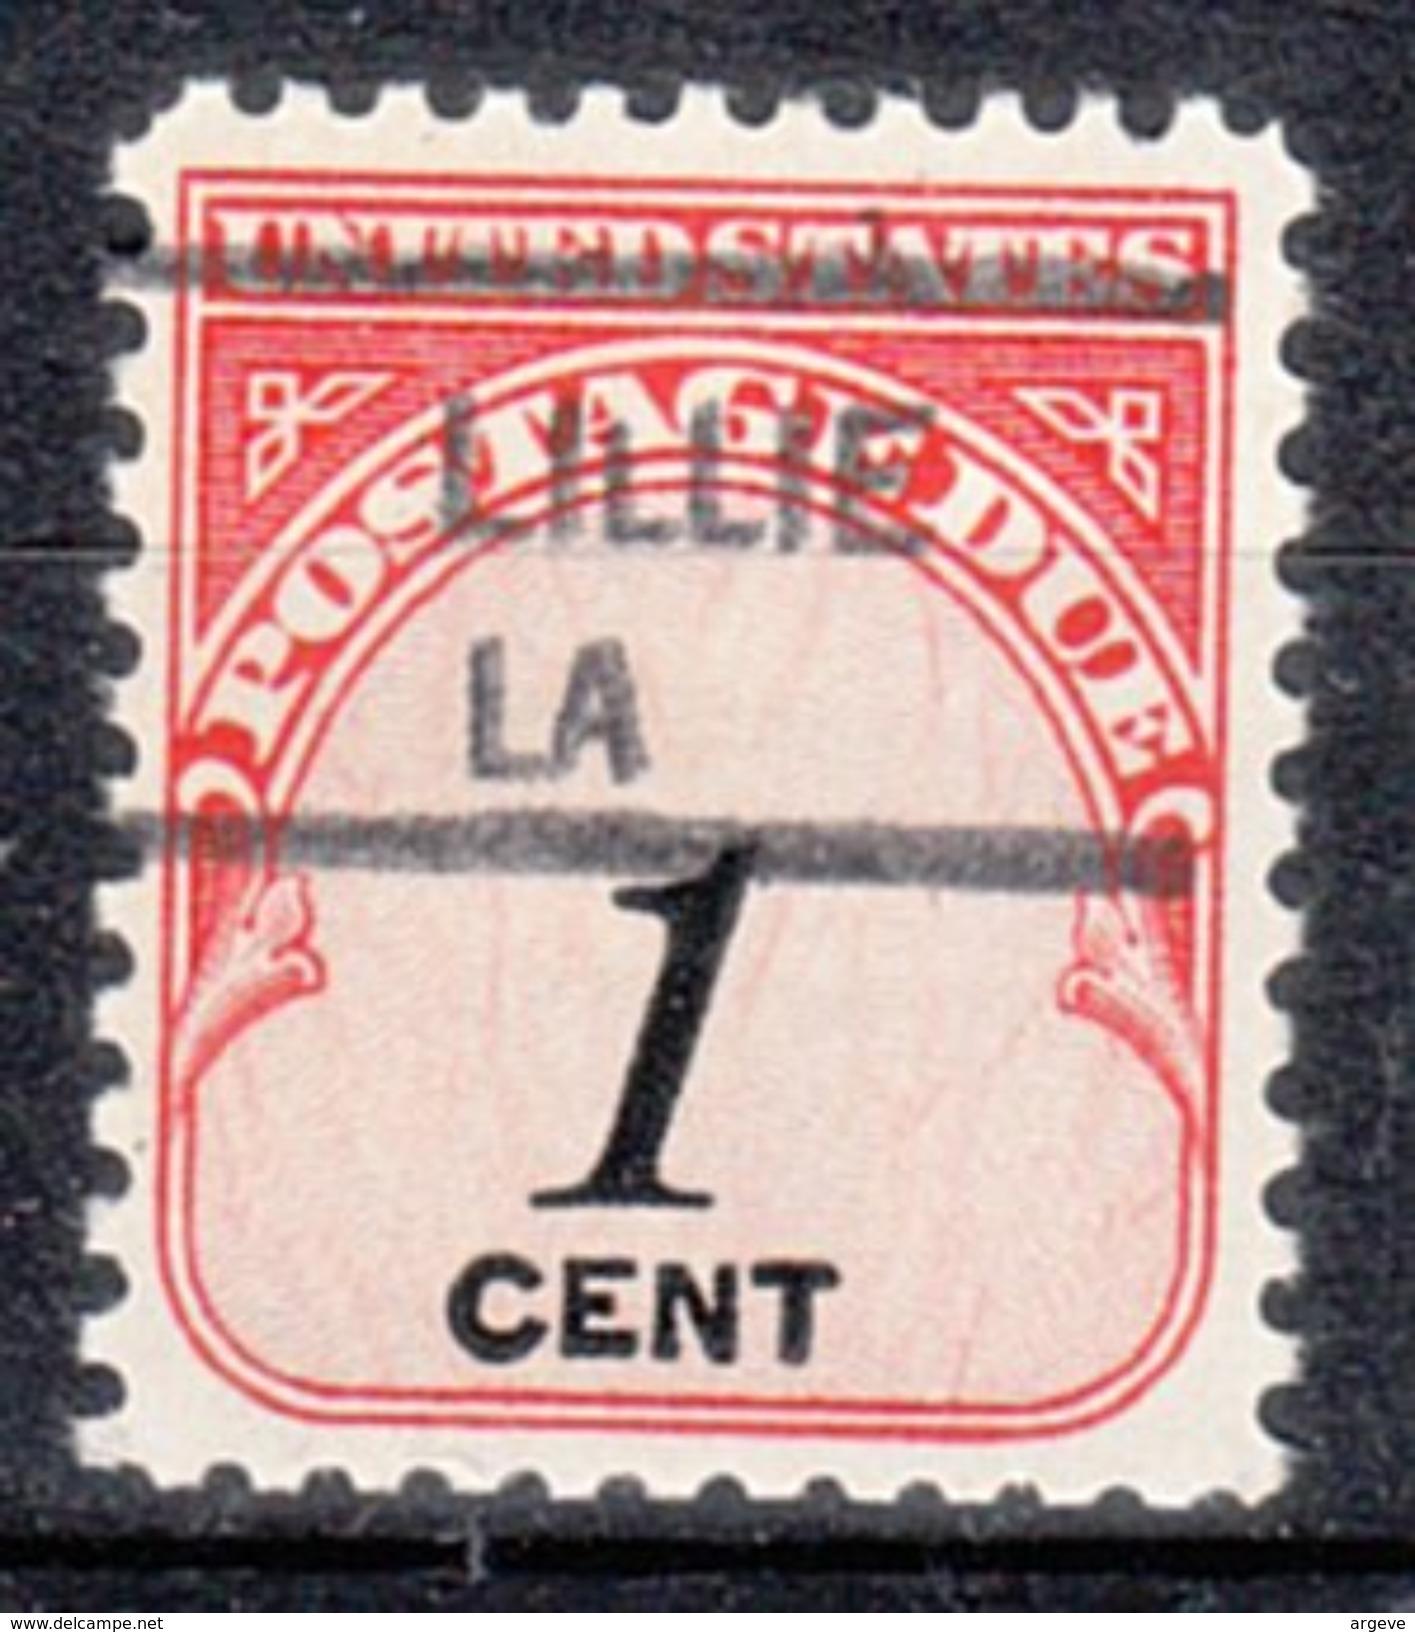 USA Precancel Vorausentwertung Preos Locals Louisiana, Lillie 835,5 - Vereinigte Staaten